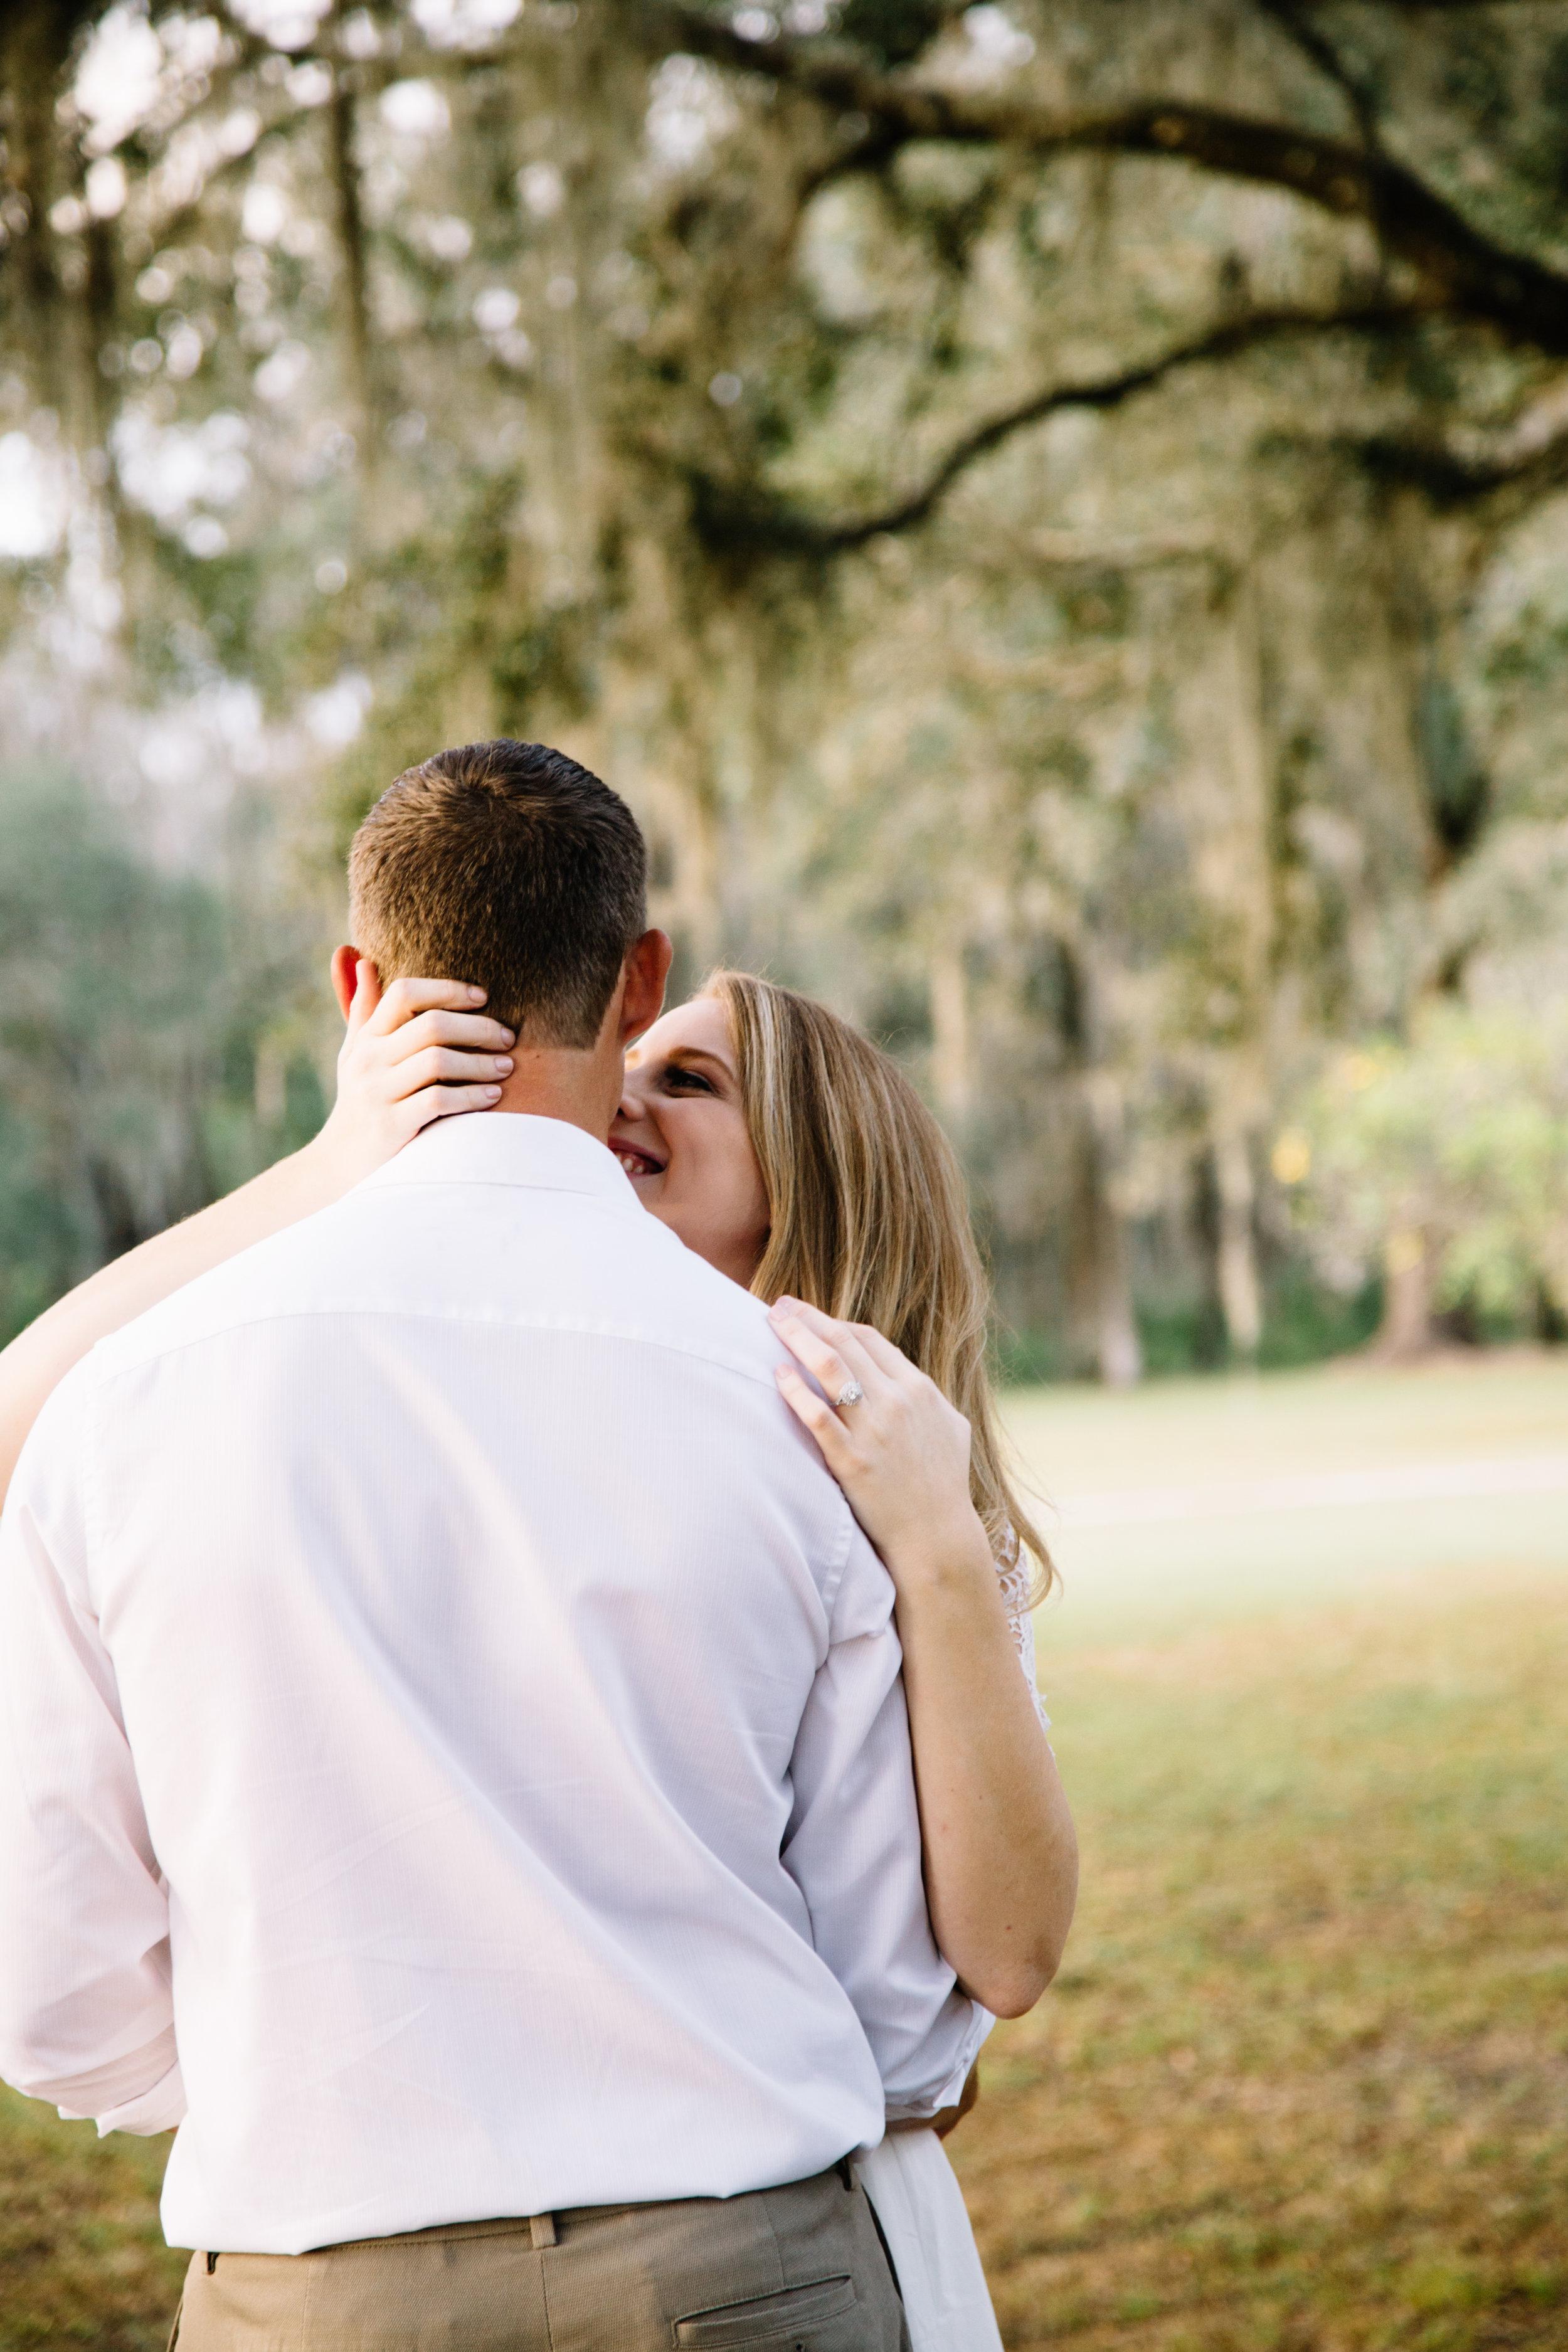 An inside joke between two lovers | Brooksville, Florida